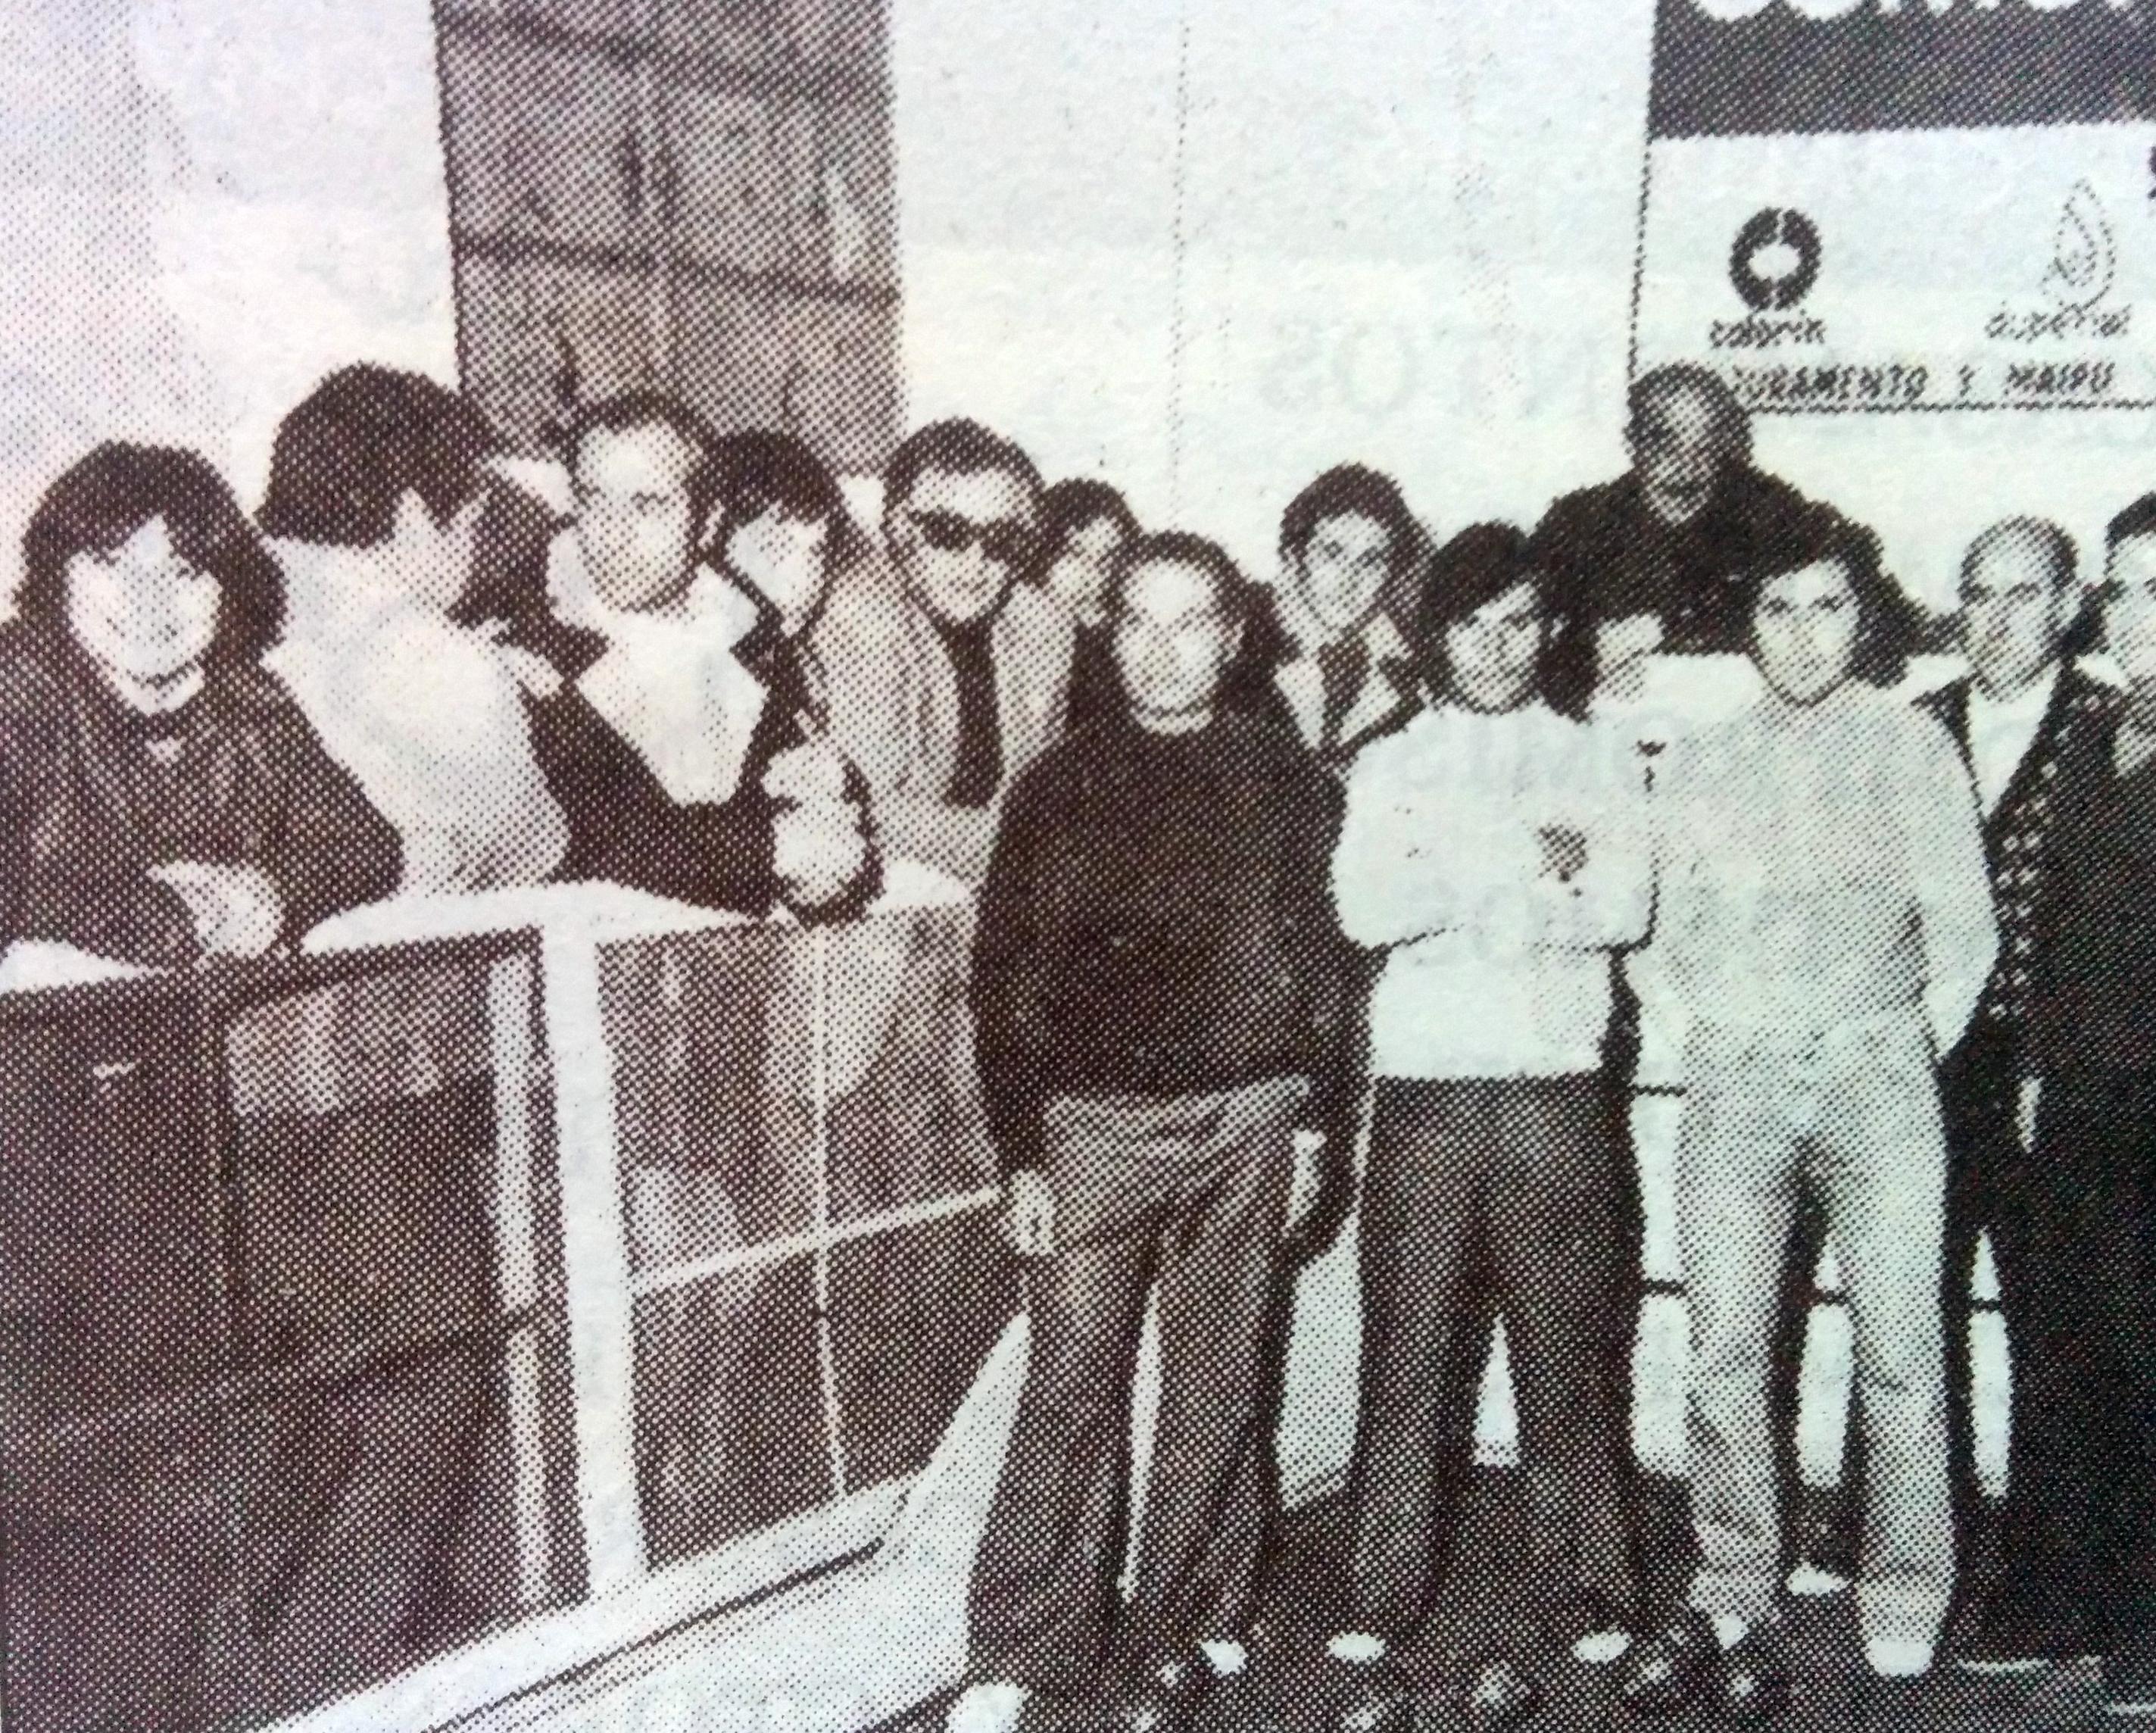 Torneo de bochas, de la década de 1970, en la cancha del Club Villarino.